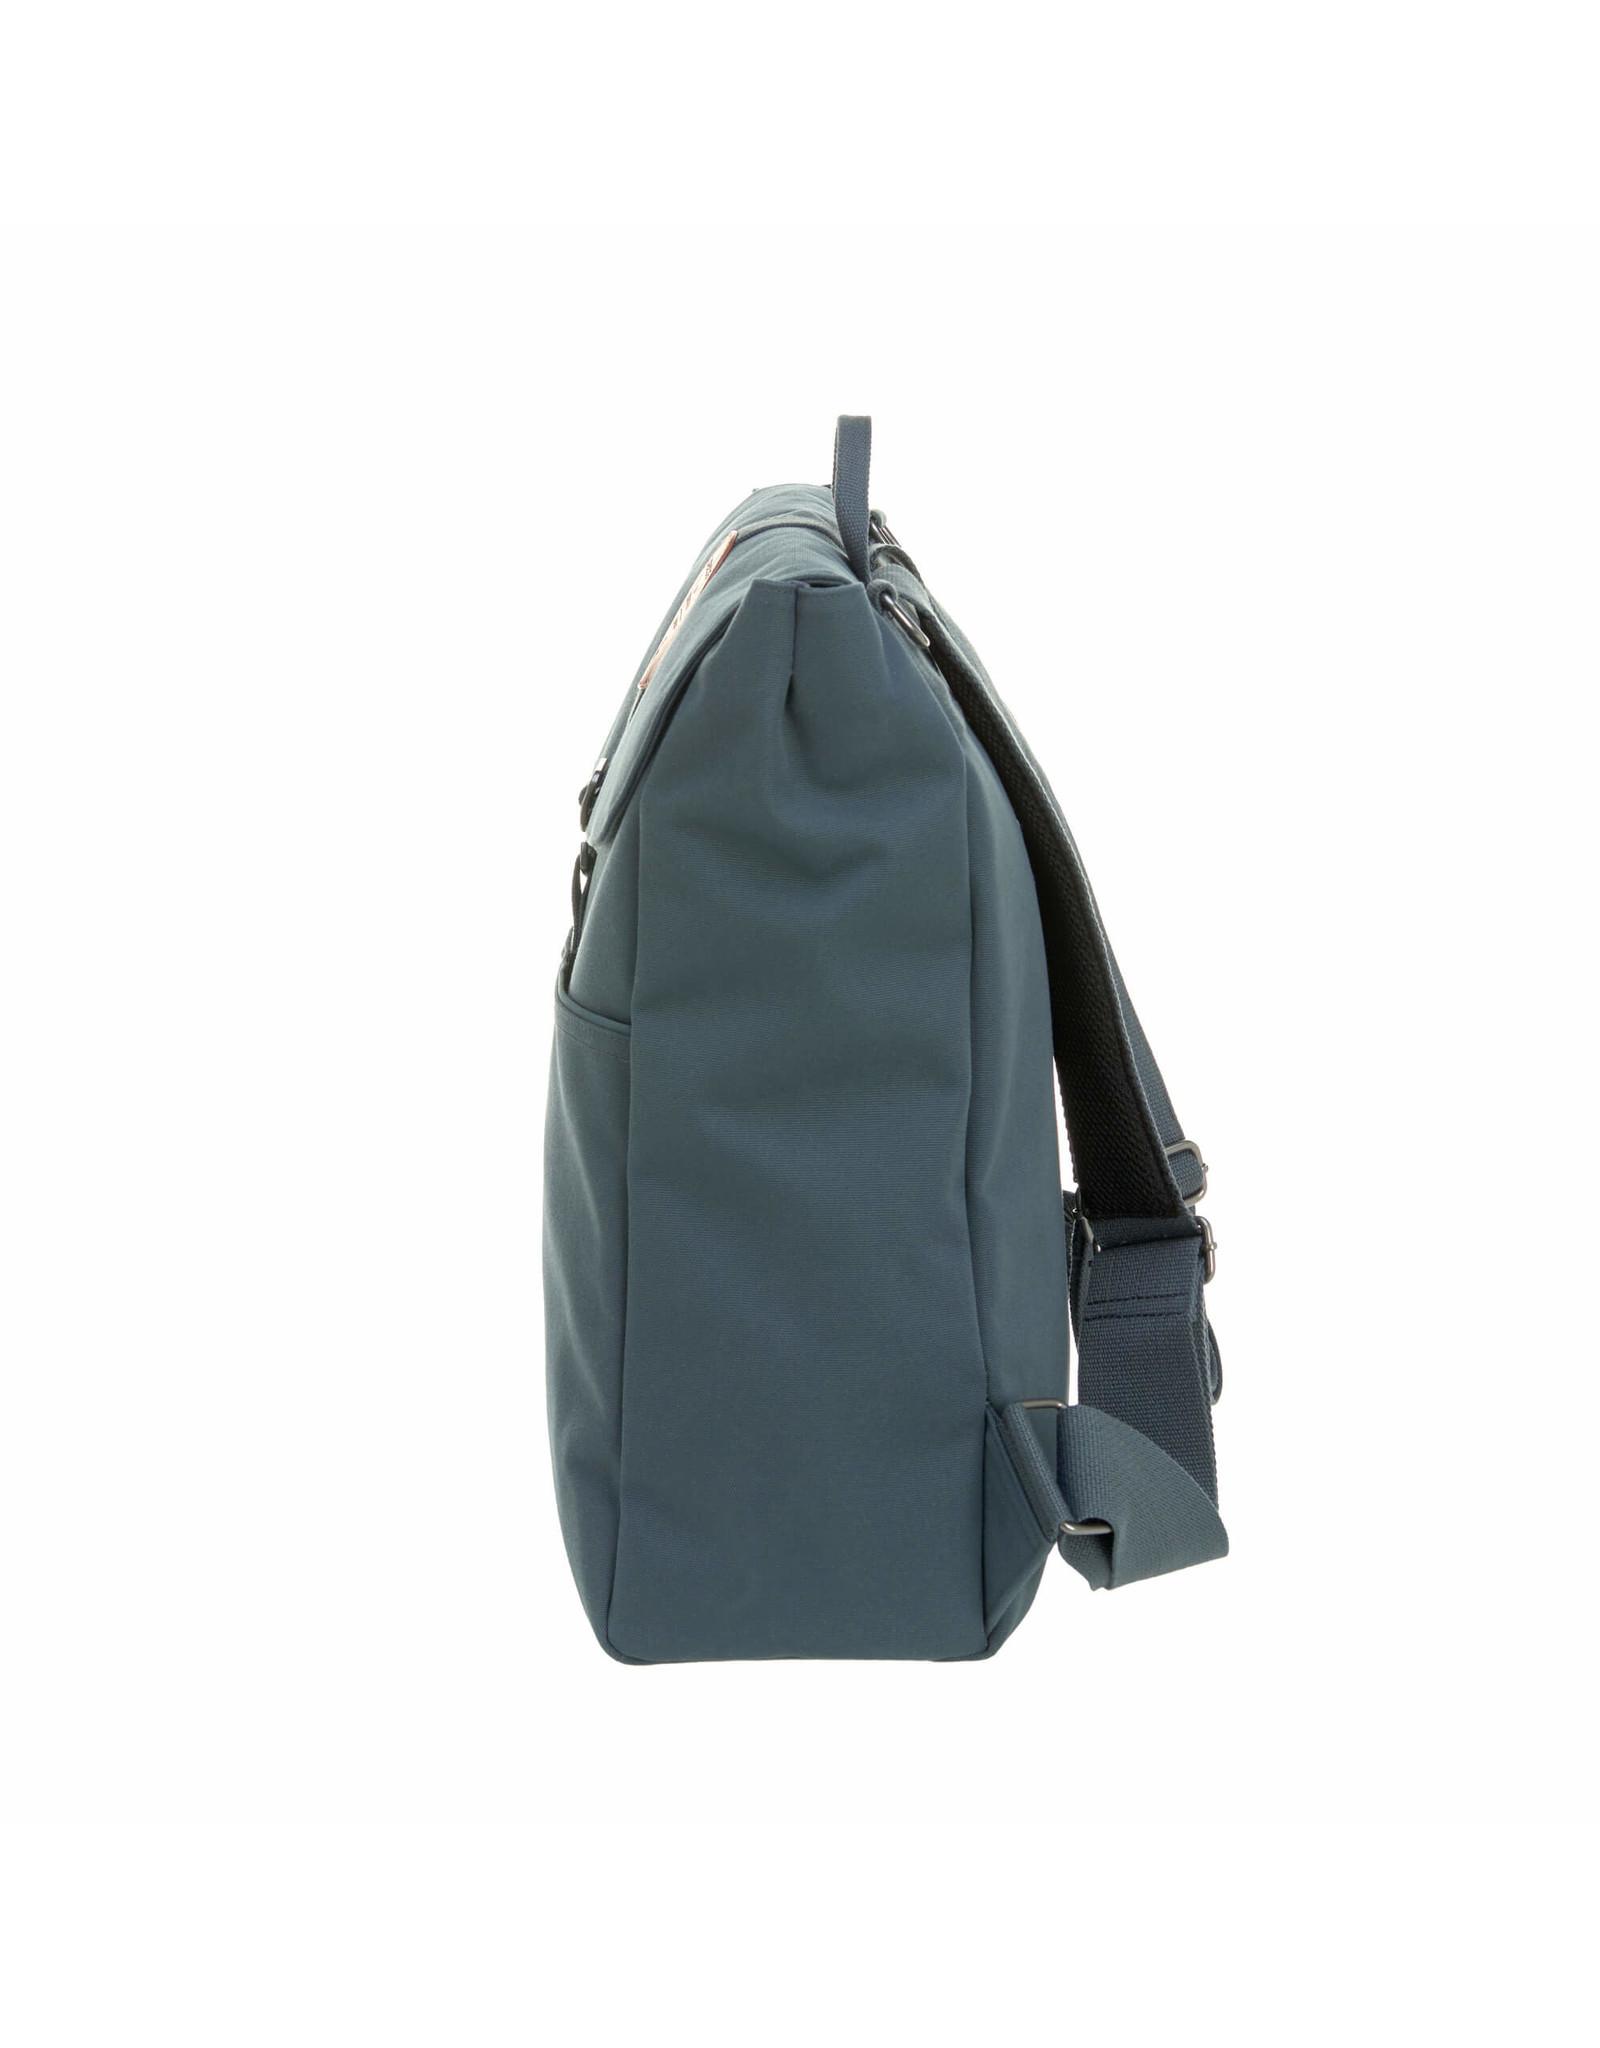 Lassig Lassig Greenlabel Adventure Backpack Diaper Bag, Petrol